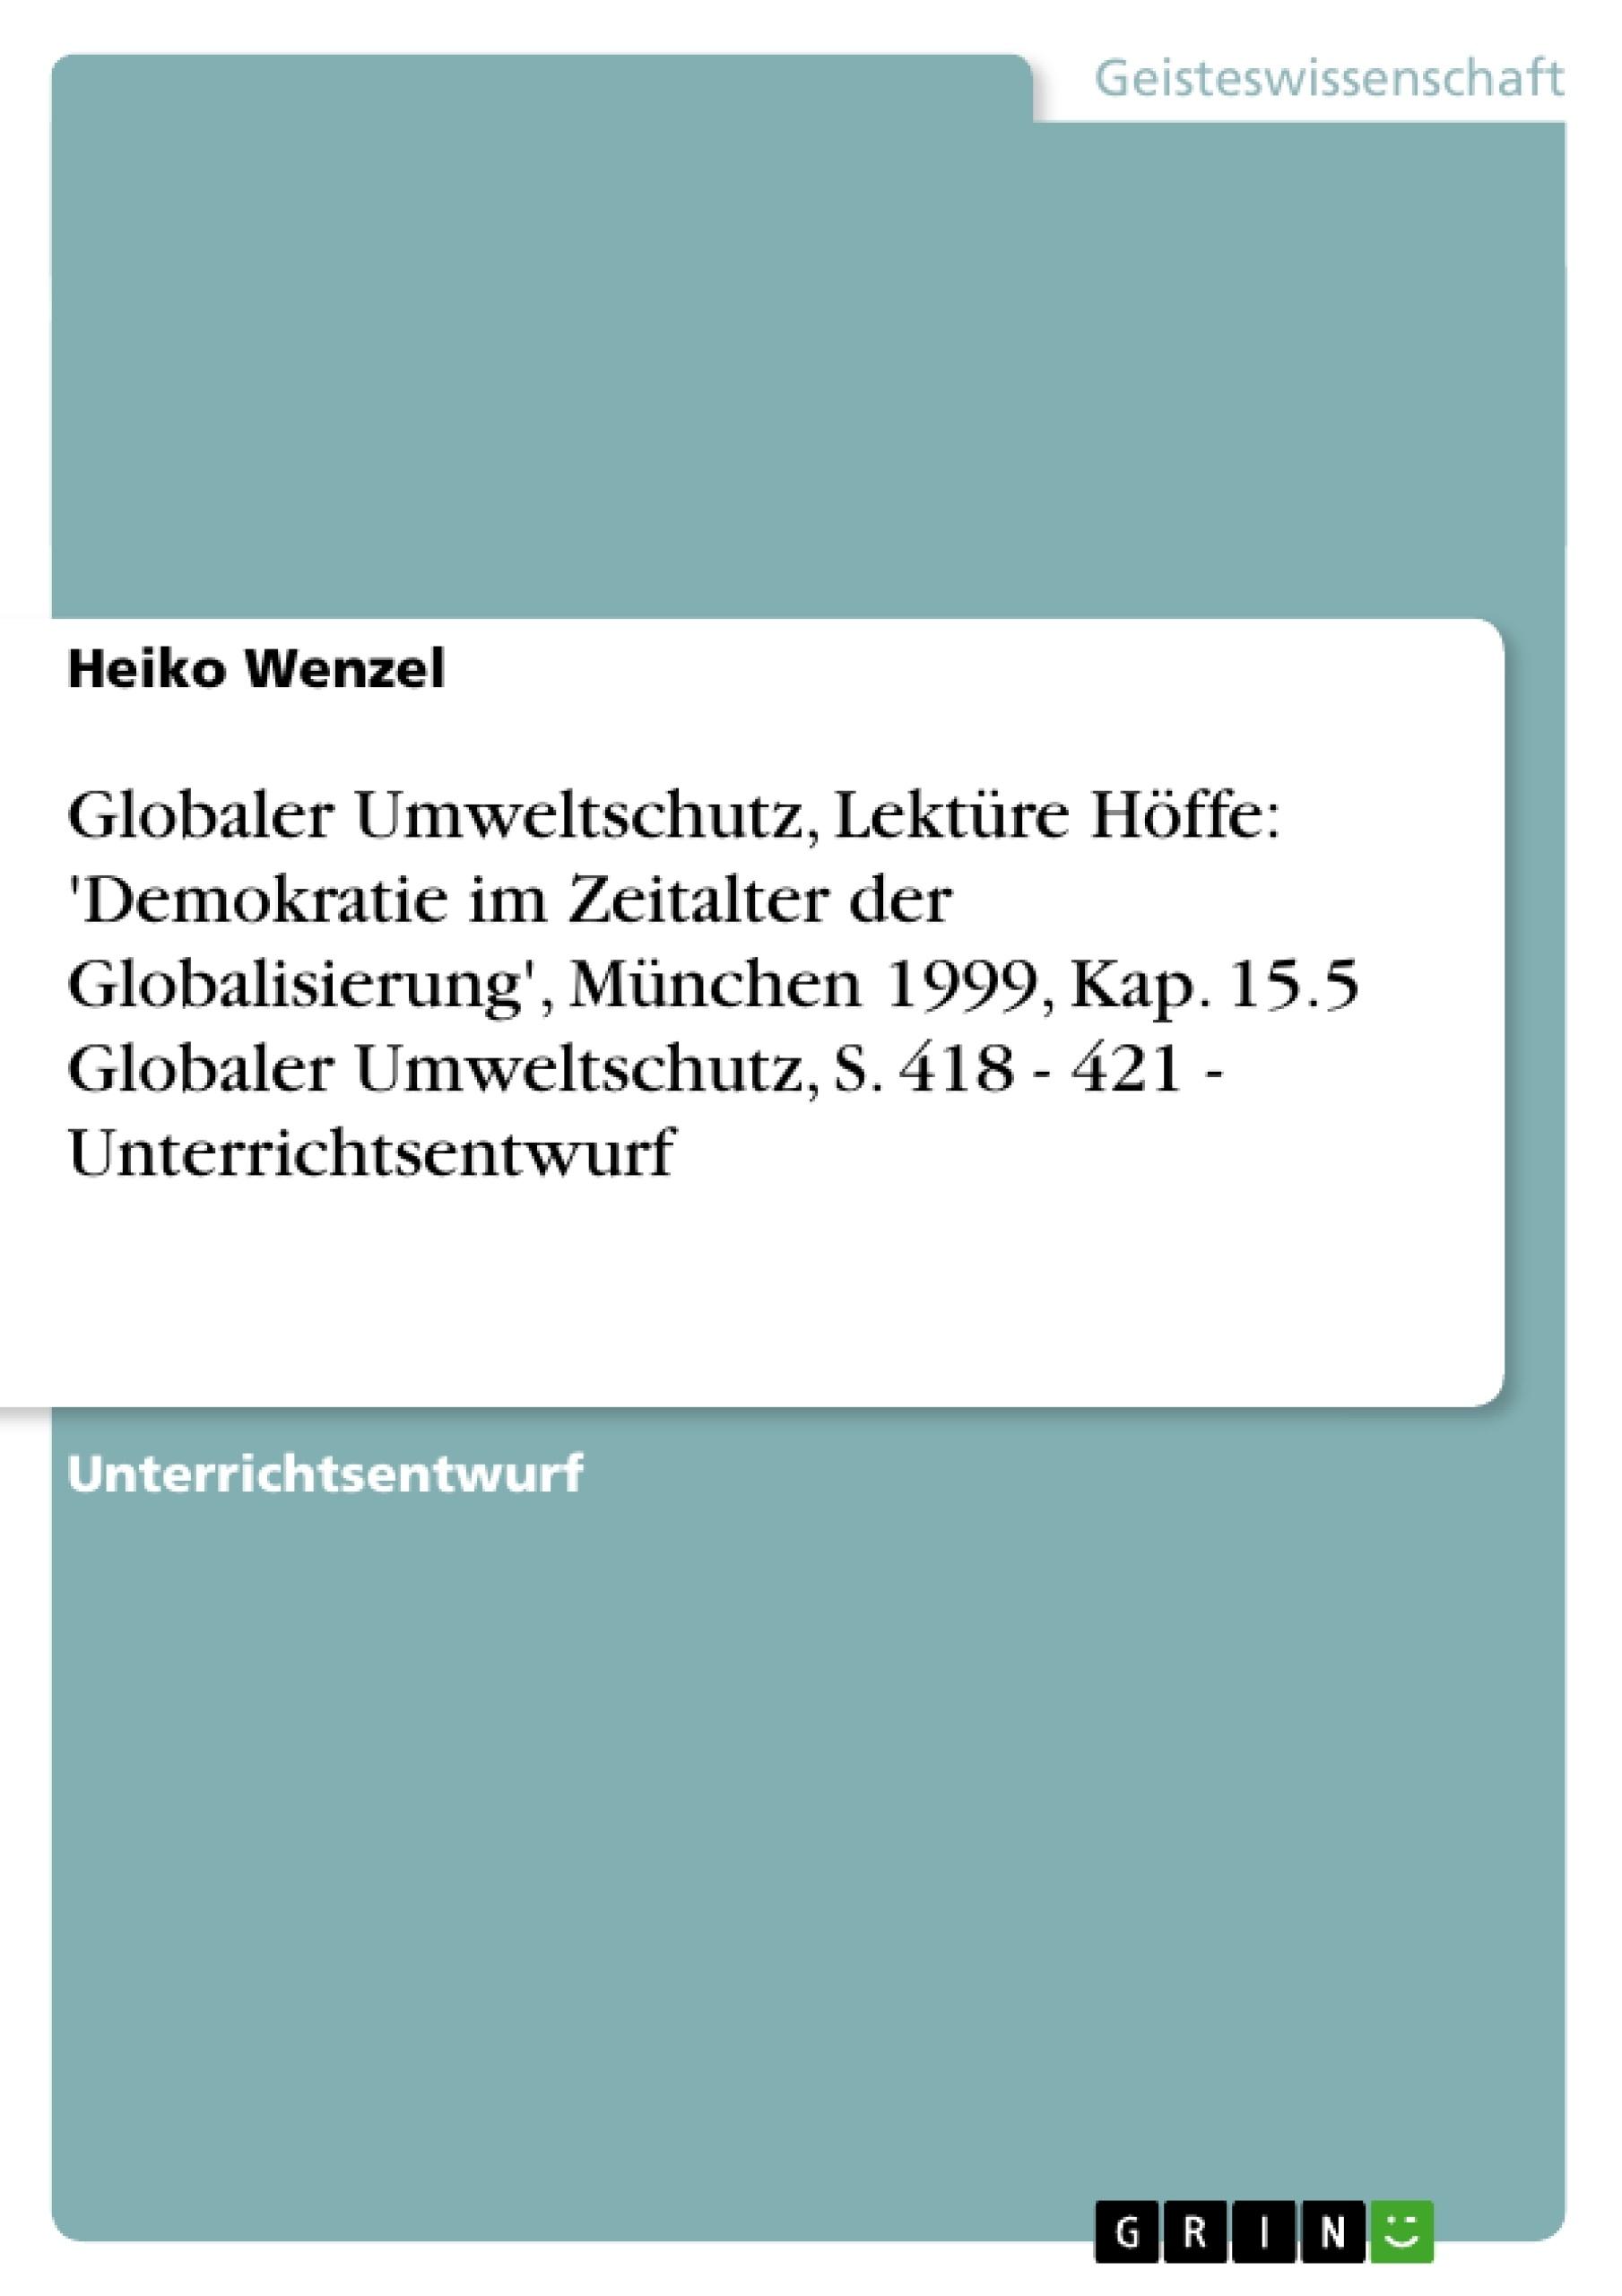 Titel: Globaler Umweltschutz, Lektüre Höffe: 'Demokratie im Zeitalter der Globalisierung', München 1999, Kap. 15.5 Globaler Umweltschutz, S. 418 - 421 - Unterrichtsentwurf